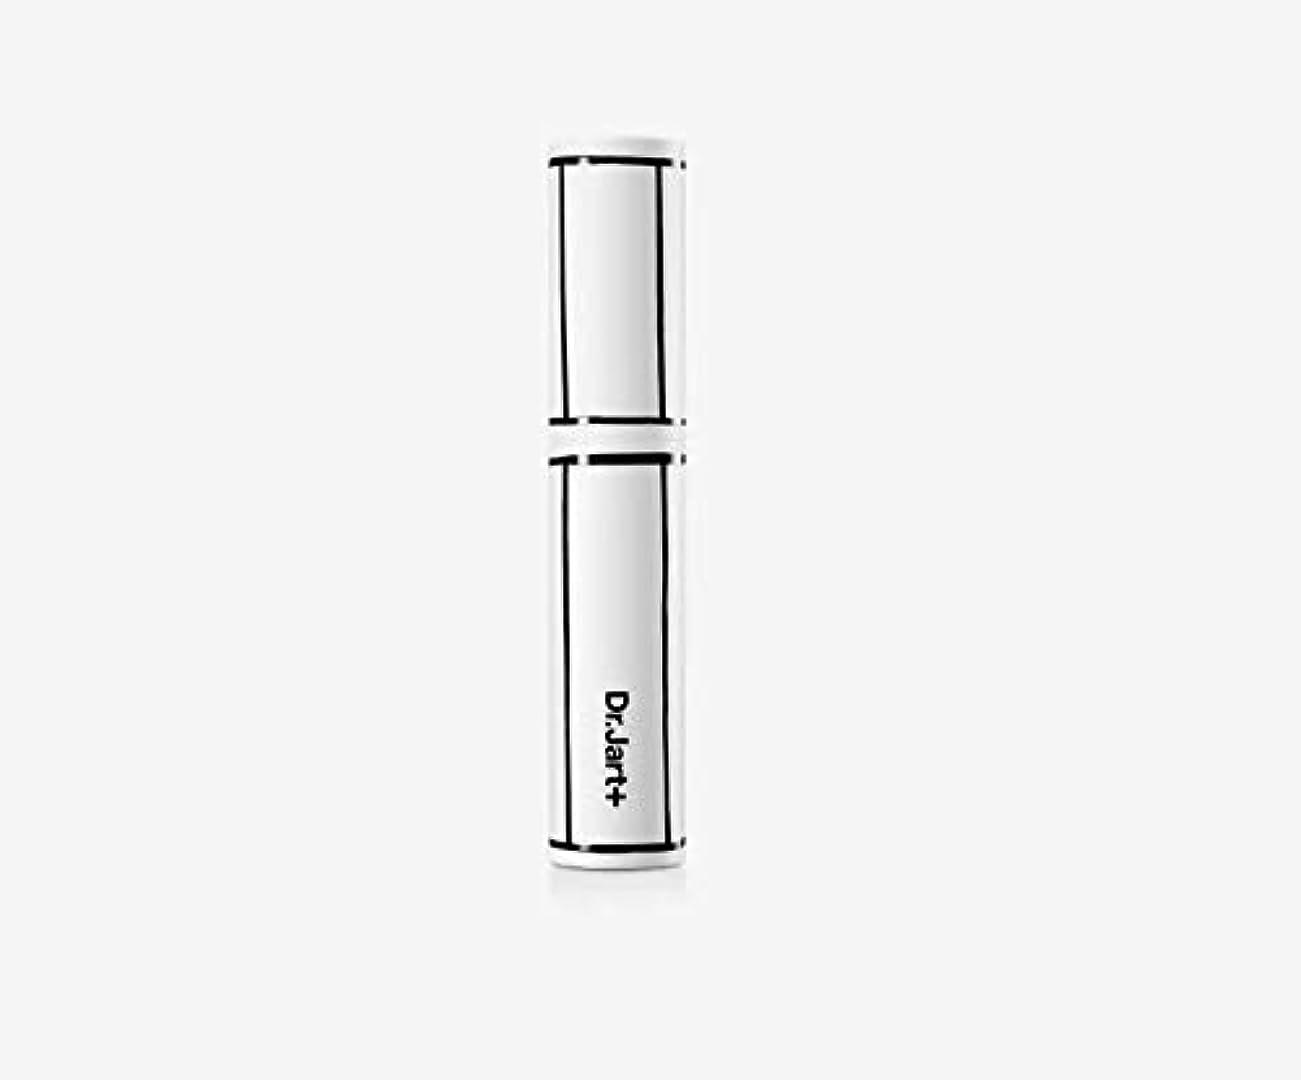 成人期消防士疼痛Dr.Jart+ドクタージャルトゥザメーキャップソフトリキッドコンシーラー SPF30 PA++ 5ml / Dr.Jart+ Dermakeup Soft Liquid Concealer SPF30 PA++ 5ml...